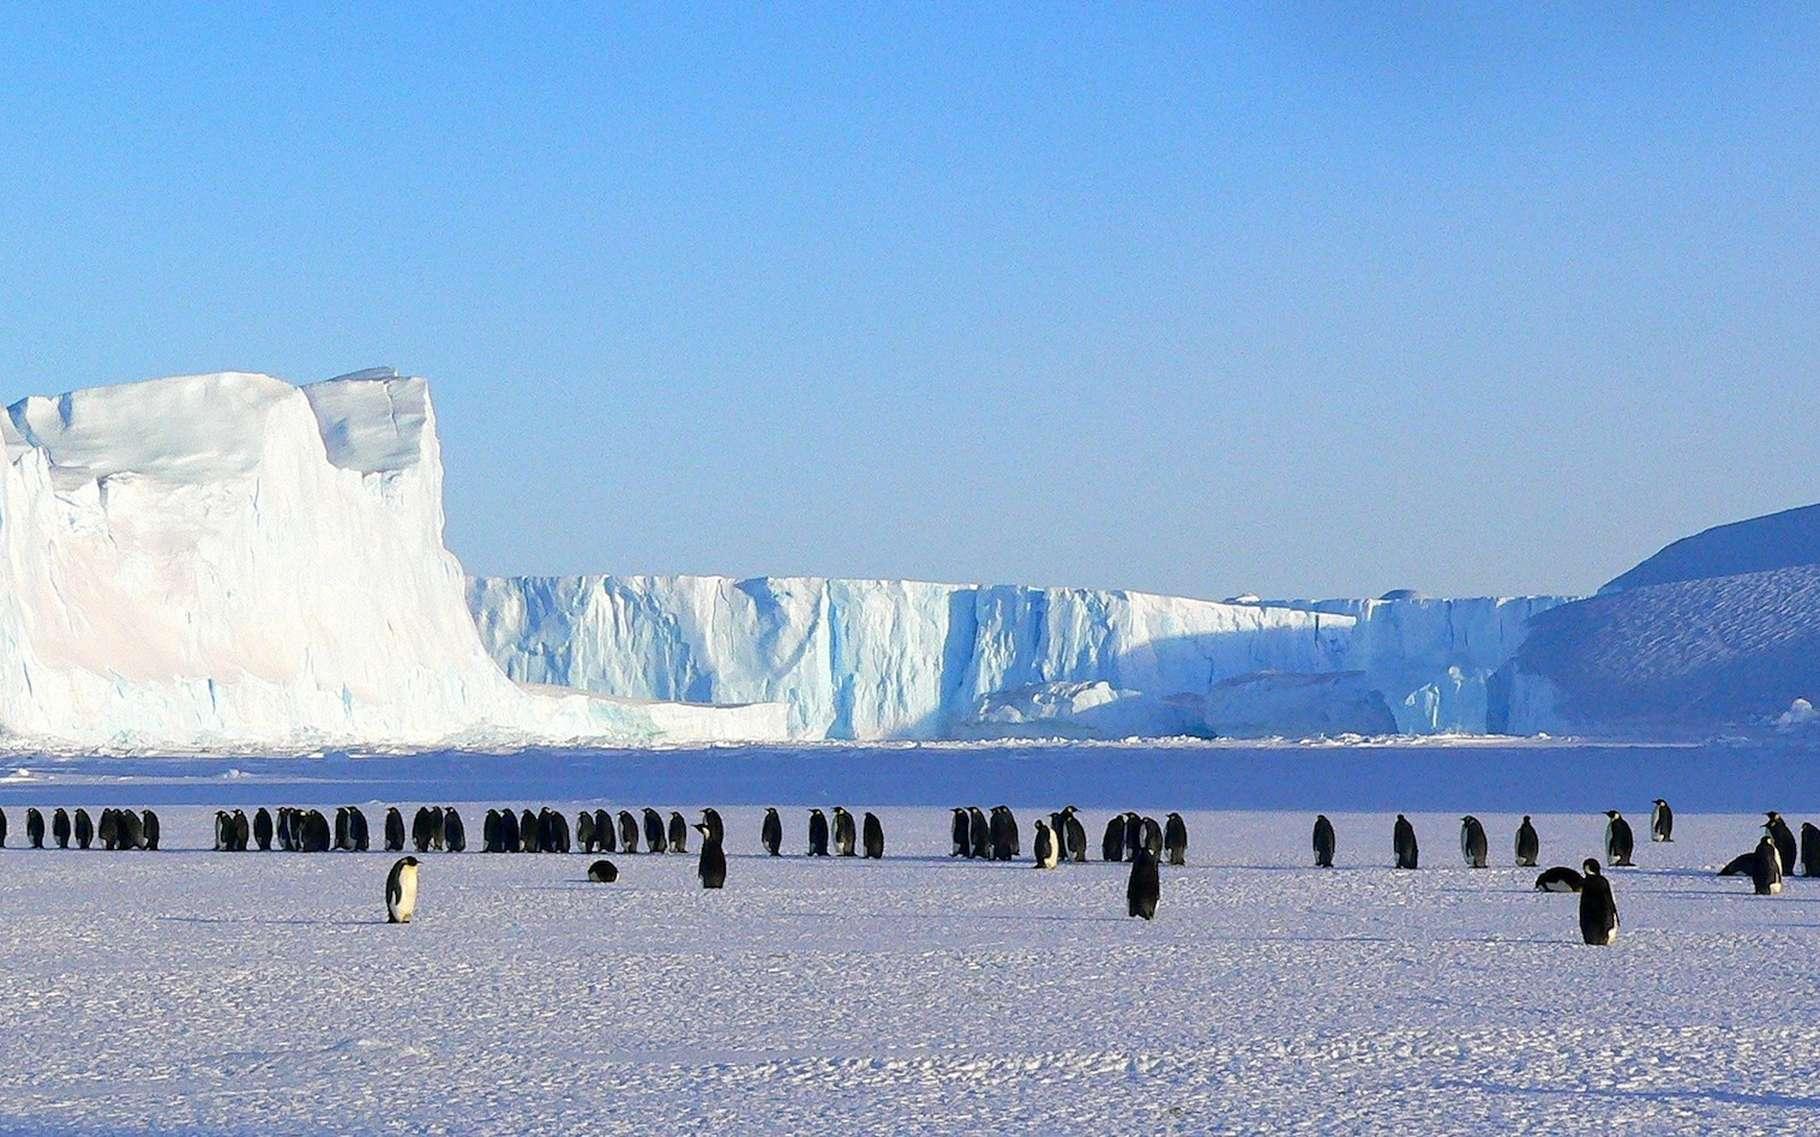 L'Antarctique méritera-t-il encore longtemps son surnom de continent blanc? © MemoryCatcher, Pixabay, CC0 Public Domain